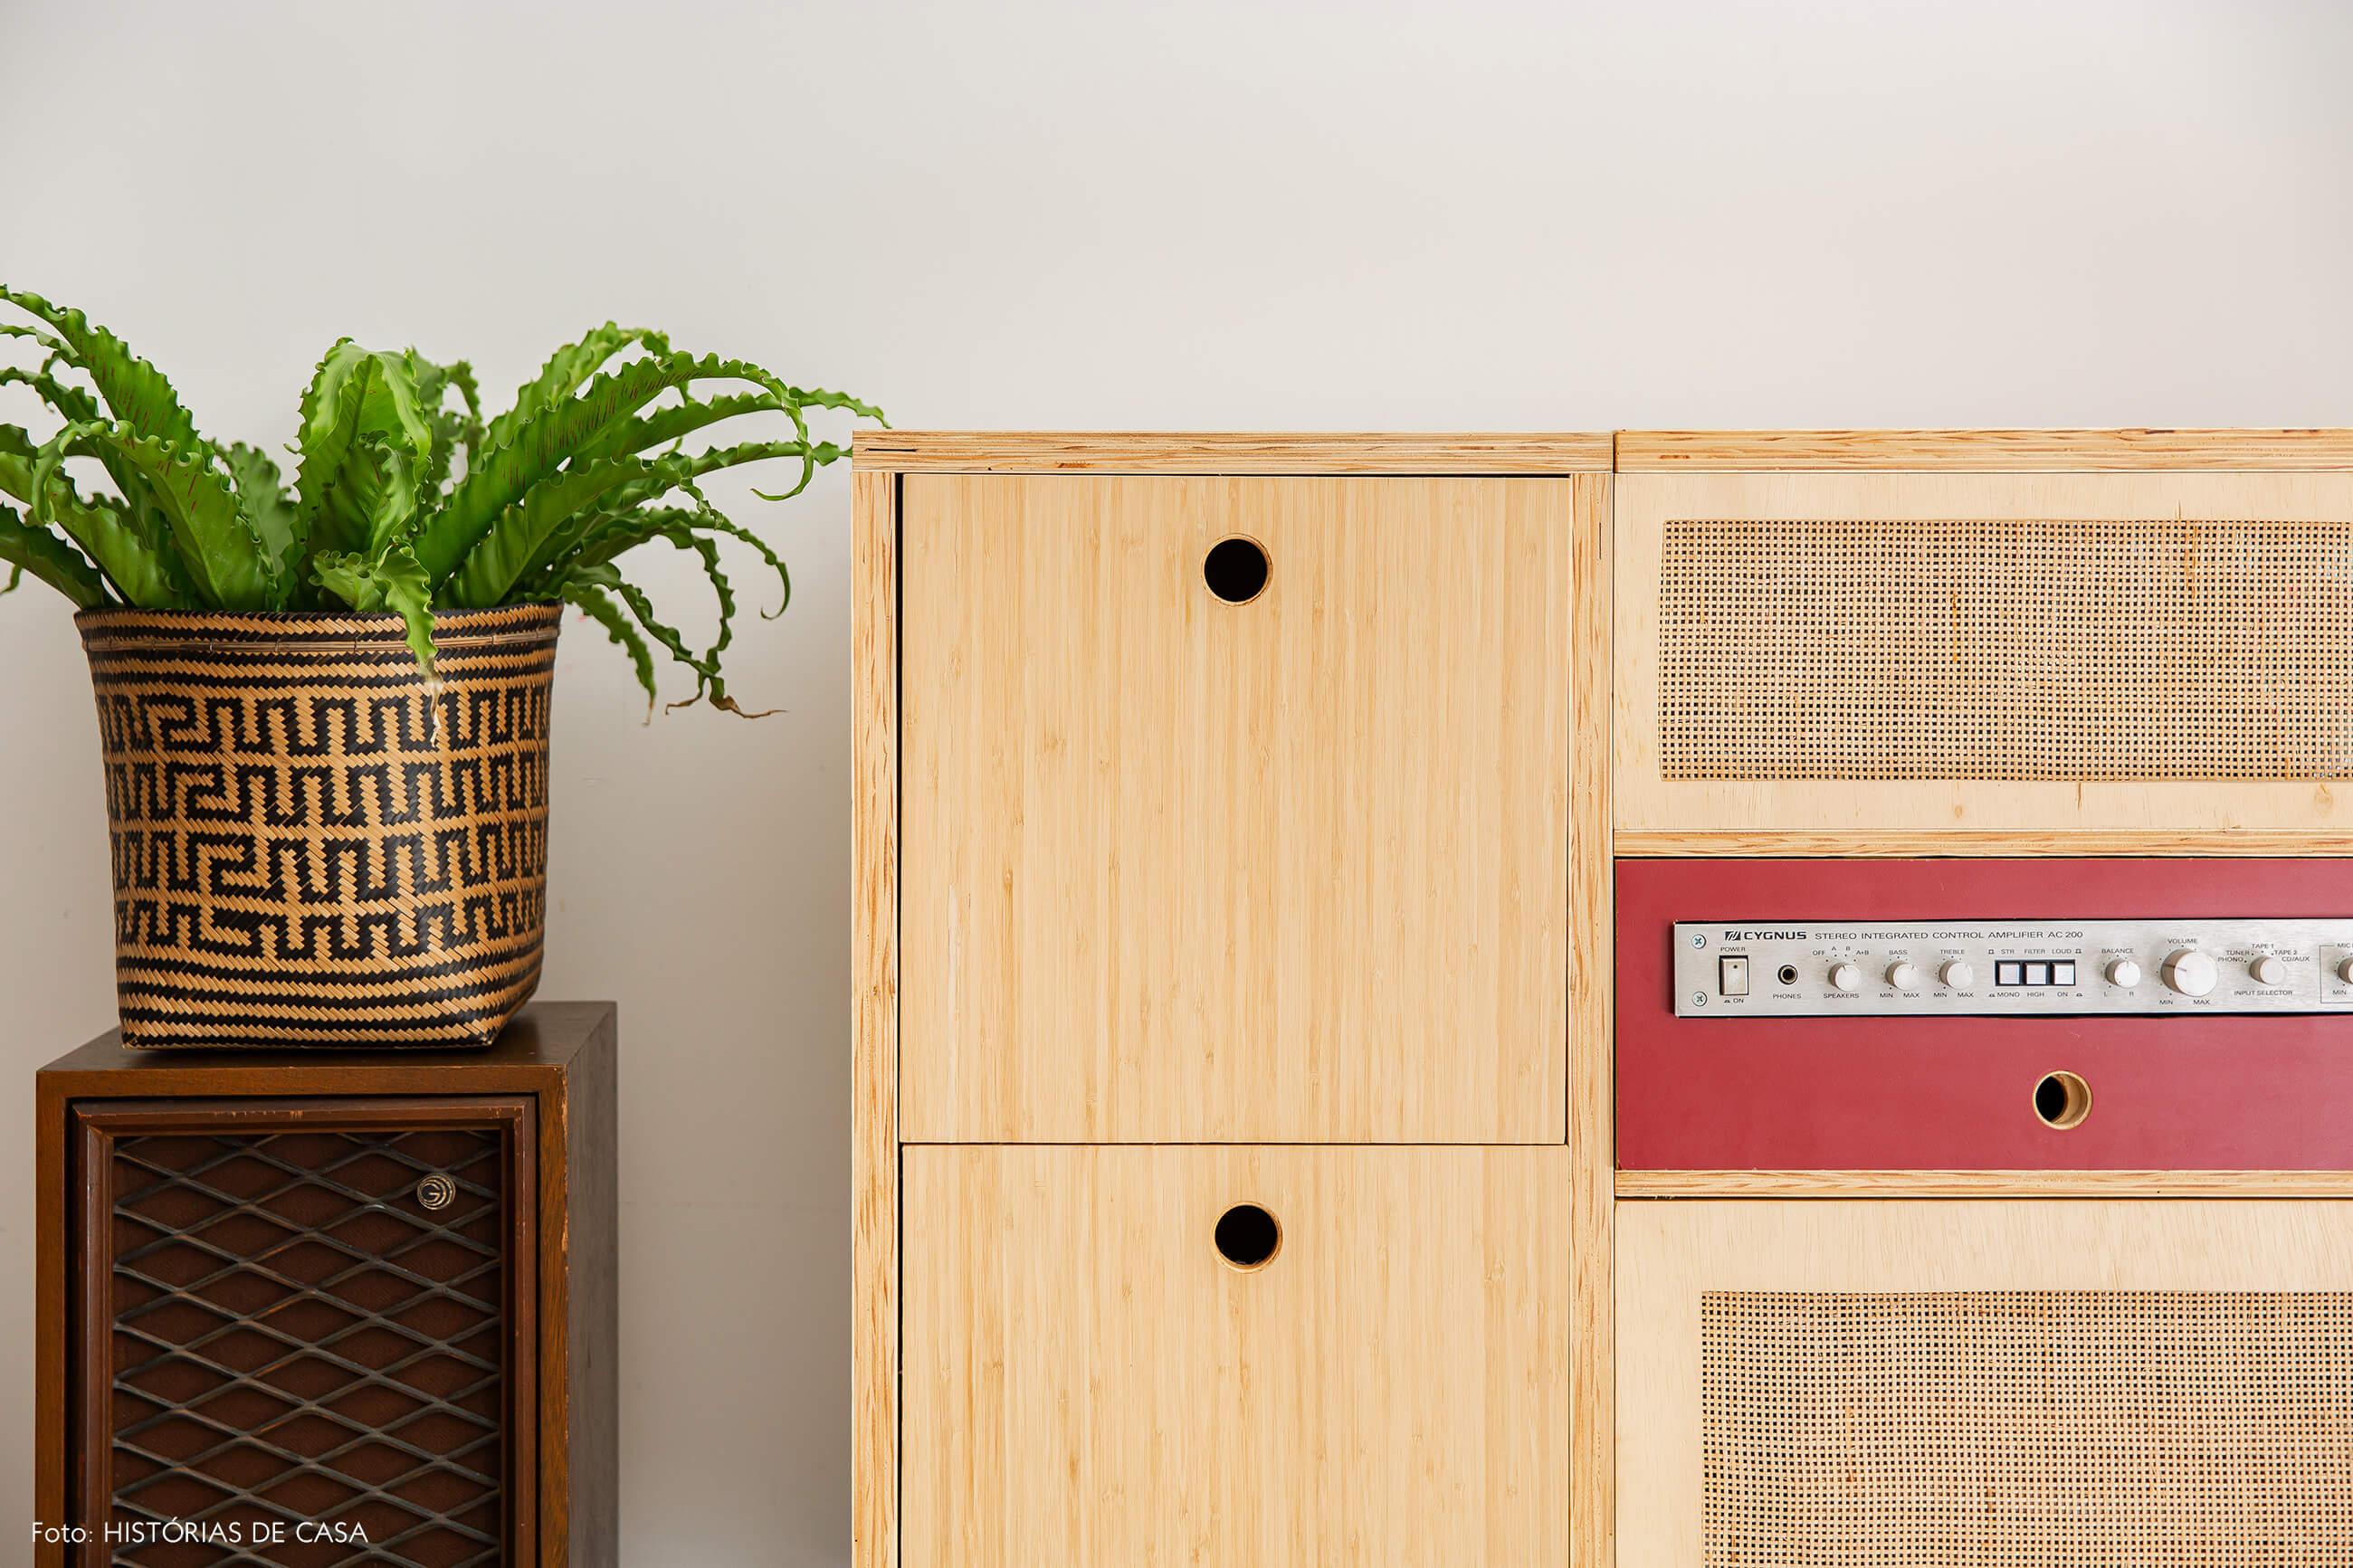 Apartamento térreo, móvel de madeira feito pelos moradores